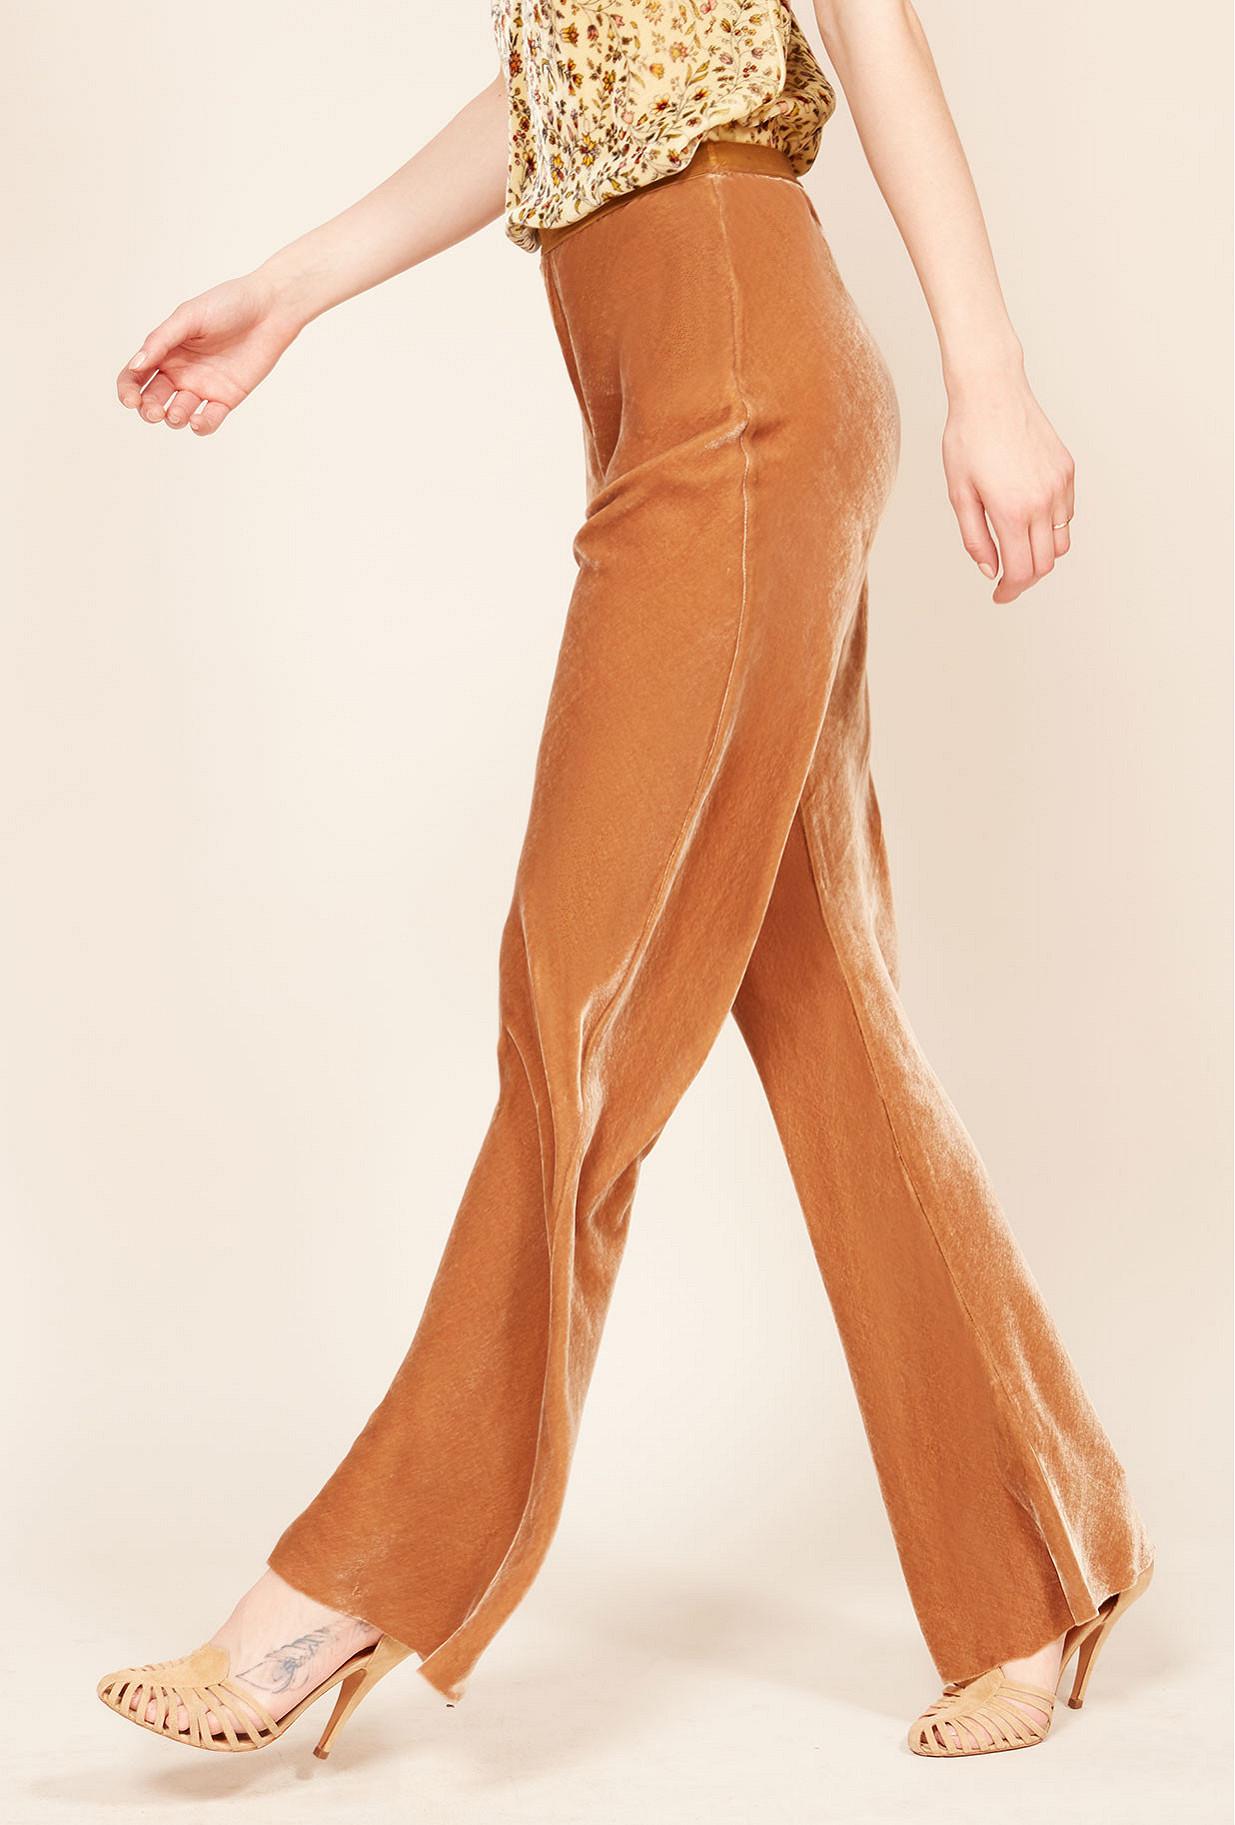 Nude  pant  Slither Mes demoiselles fashion clothes designer Paris